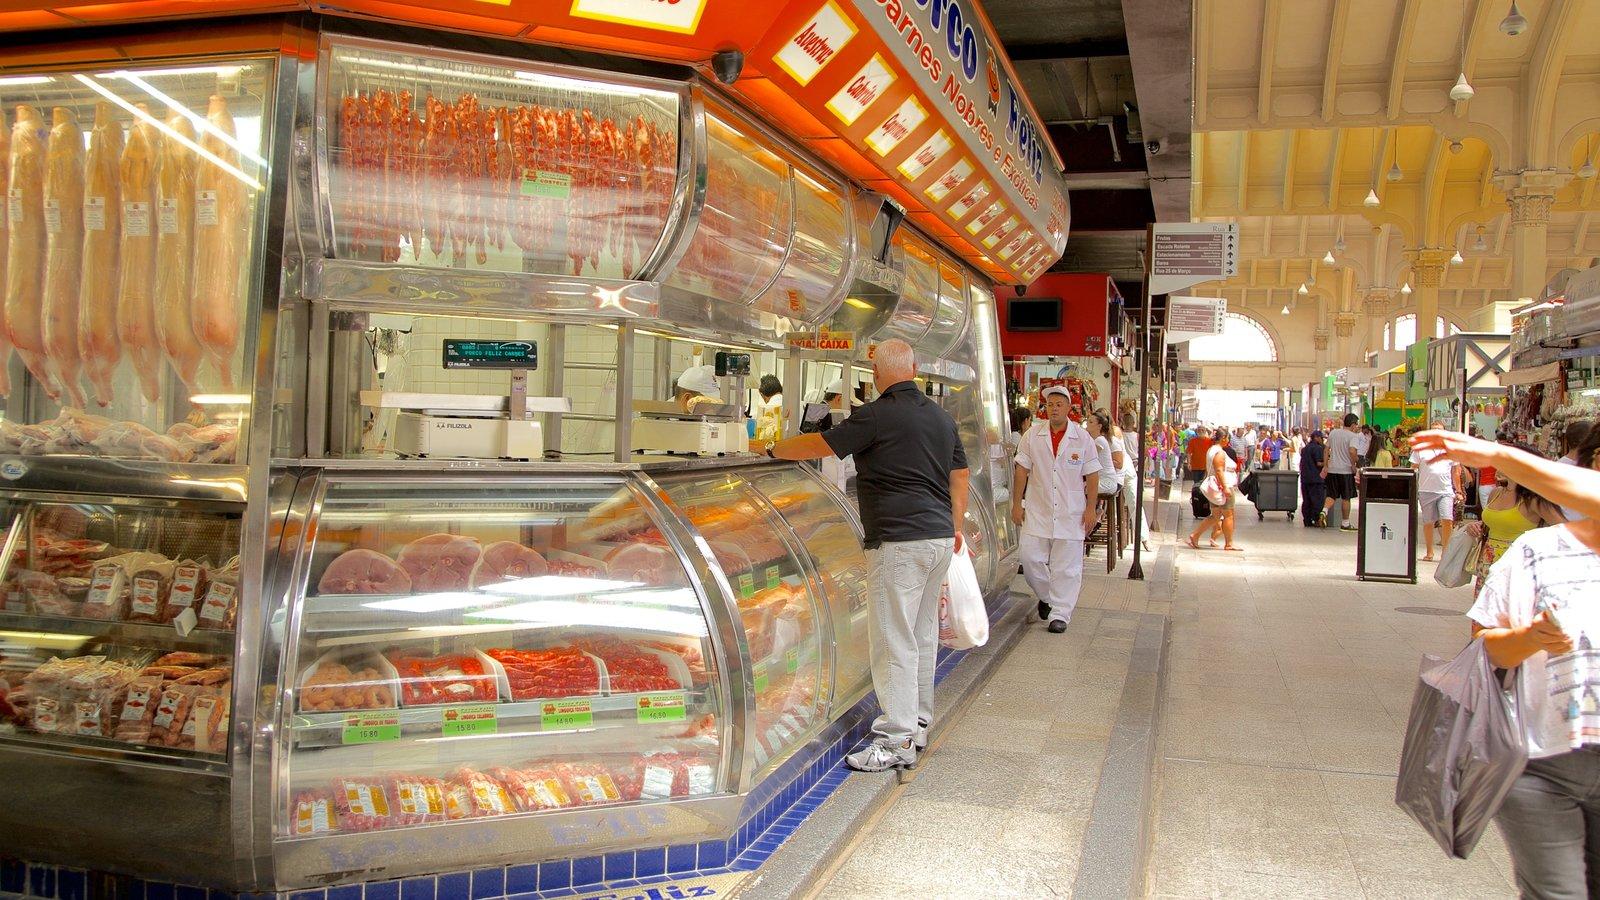 Mercado Municipal caracterizando comida e vistas internas